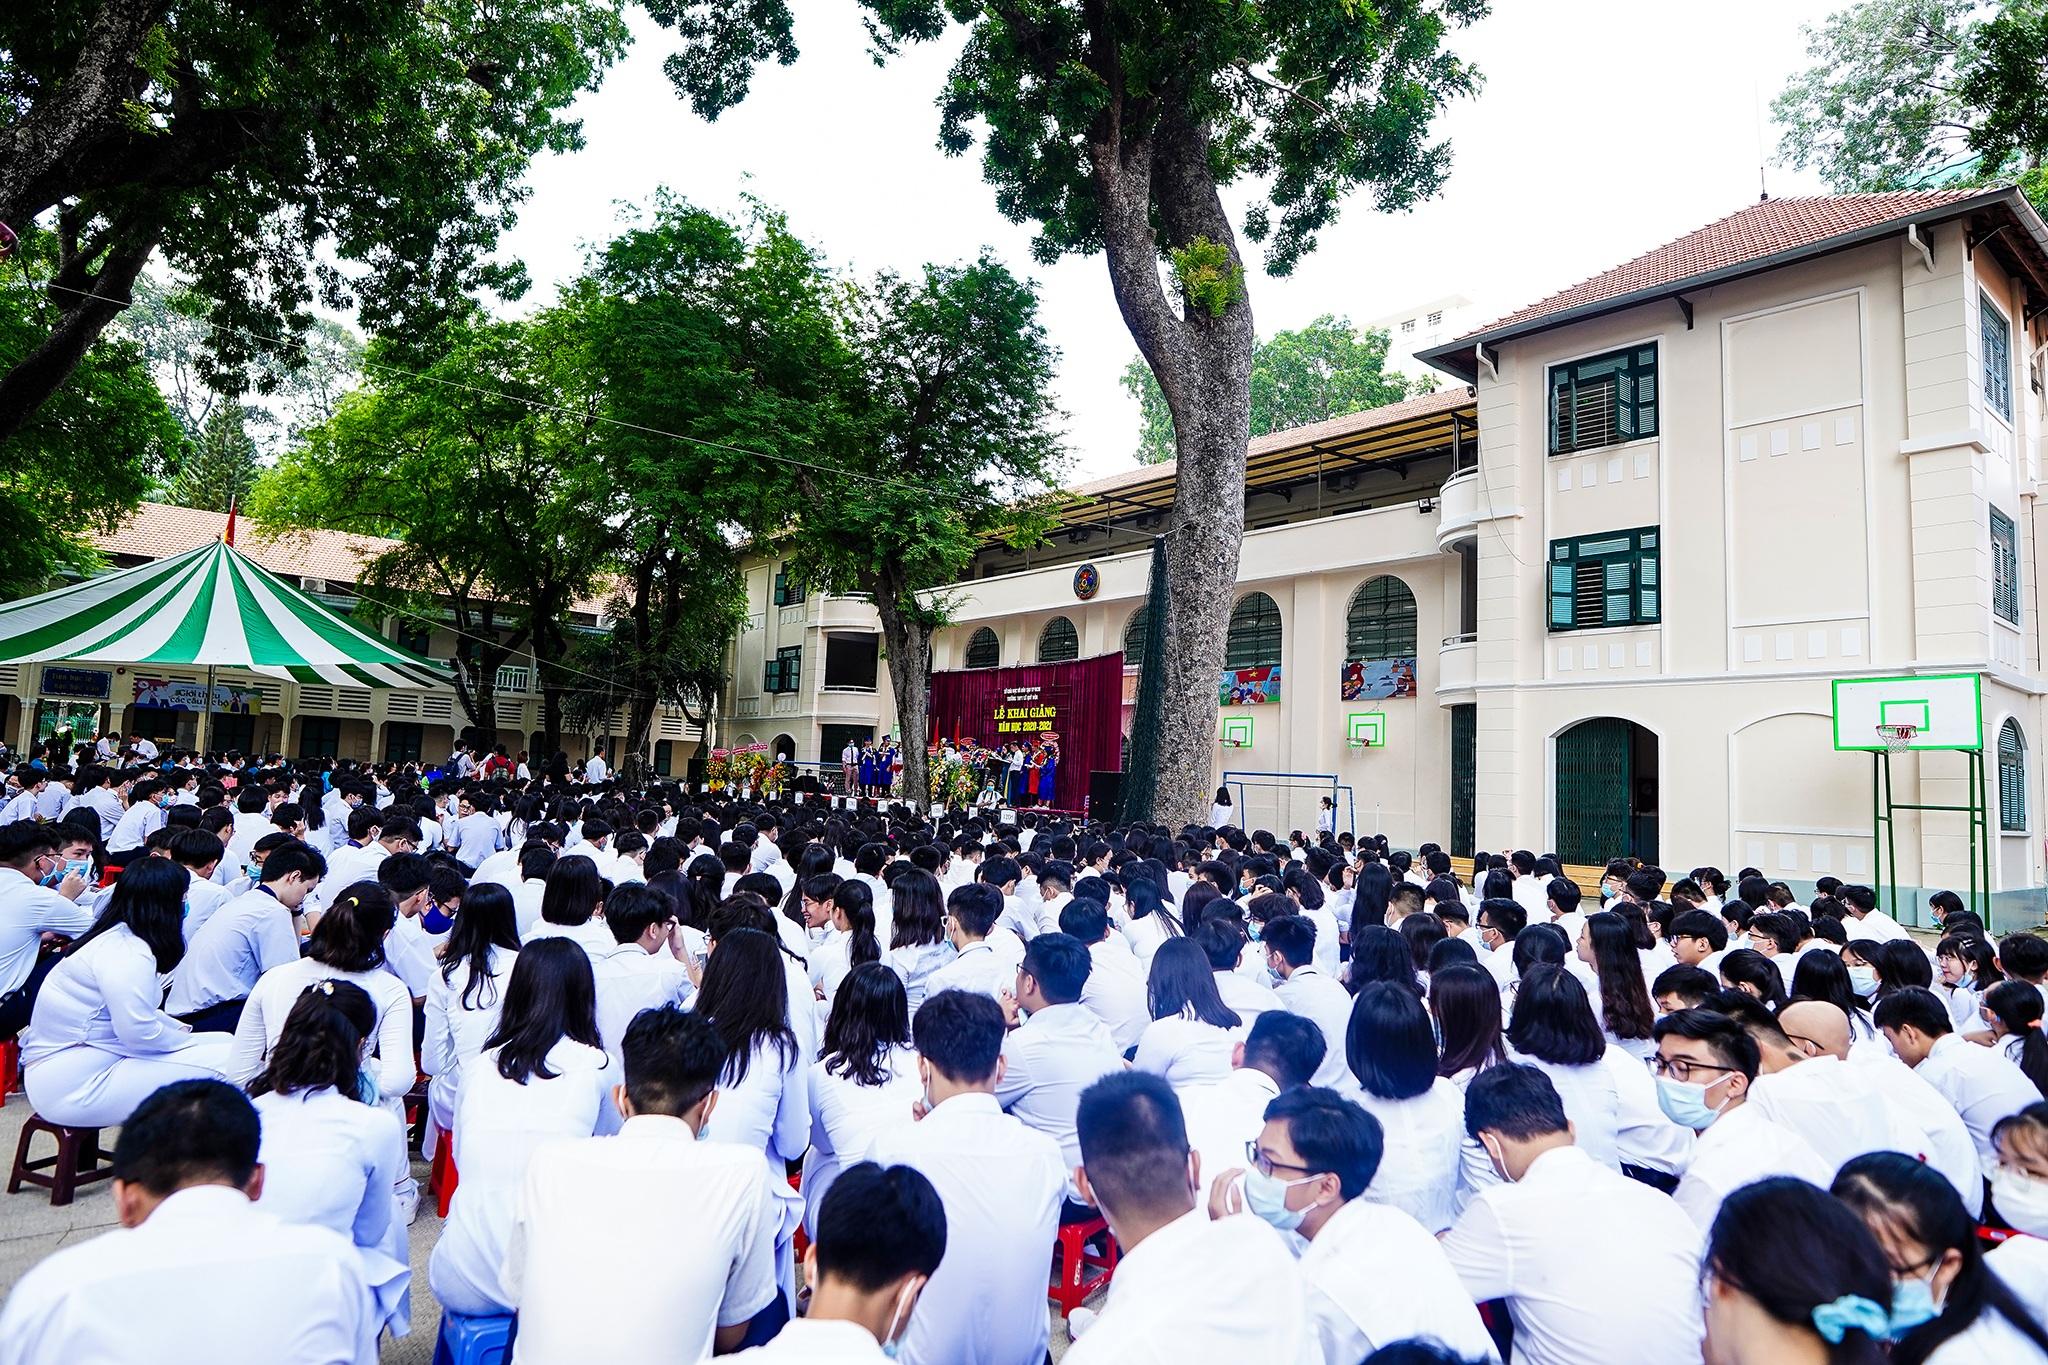 Phó Chủ tịch nước dự khai giảng tại ngôi trường 146 tuổi - 18